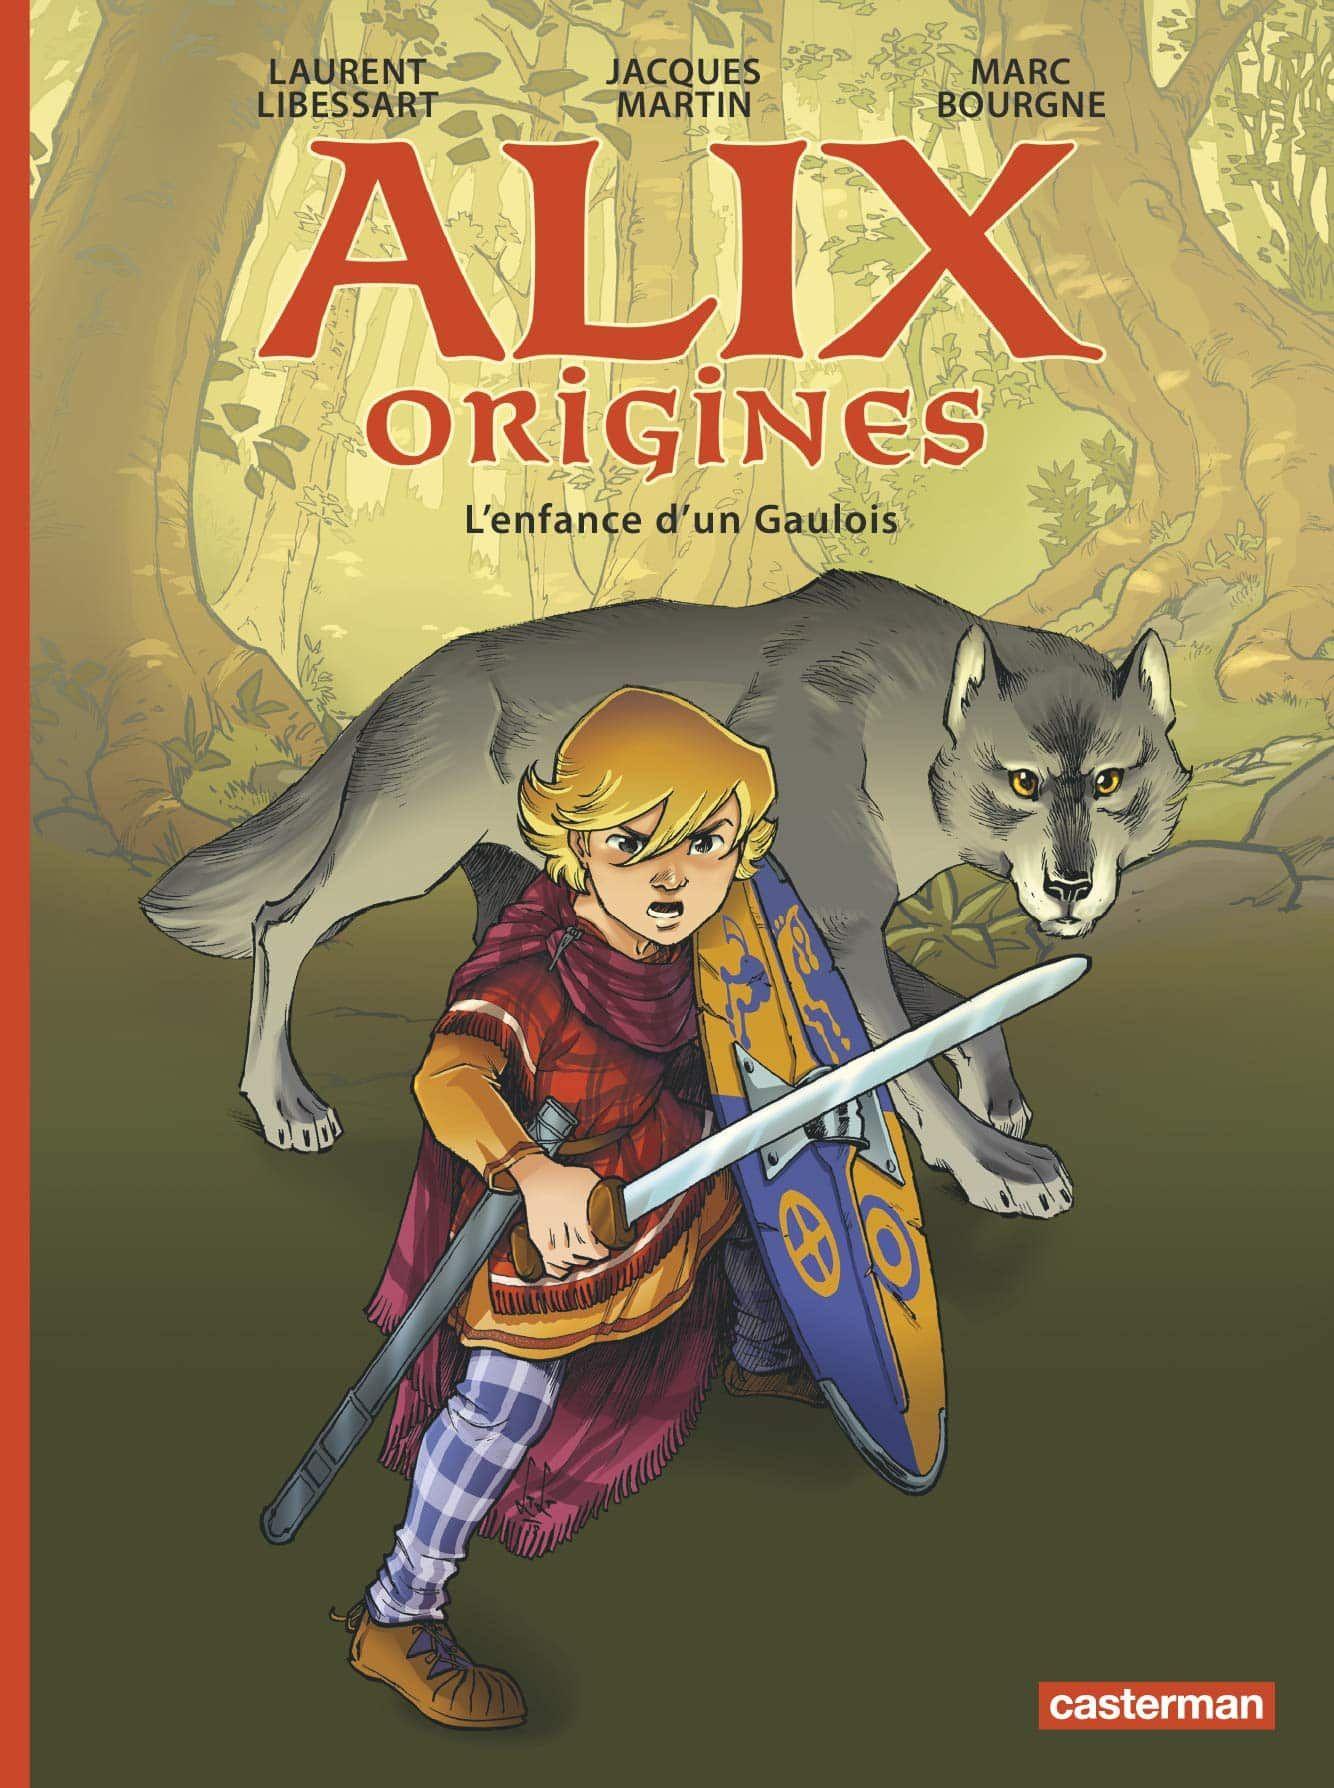 Alix Origines, déjà intrépide (avec images) Bd enfant